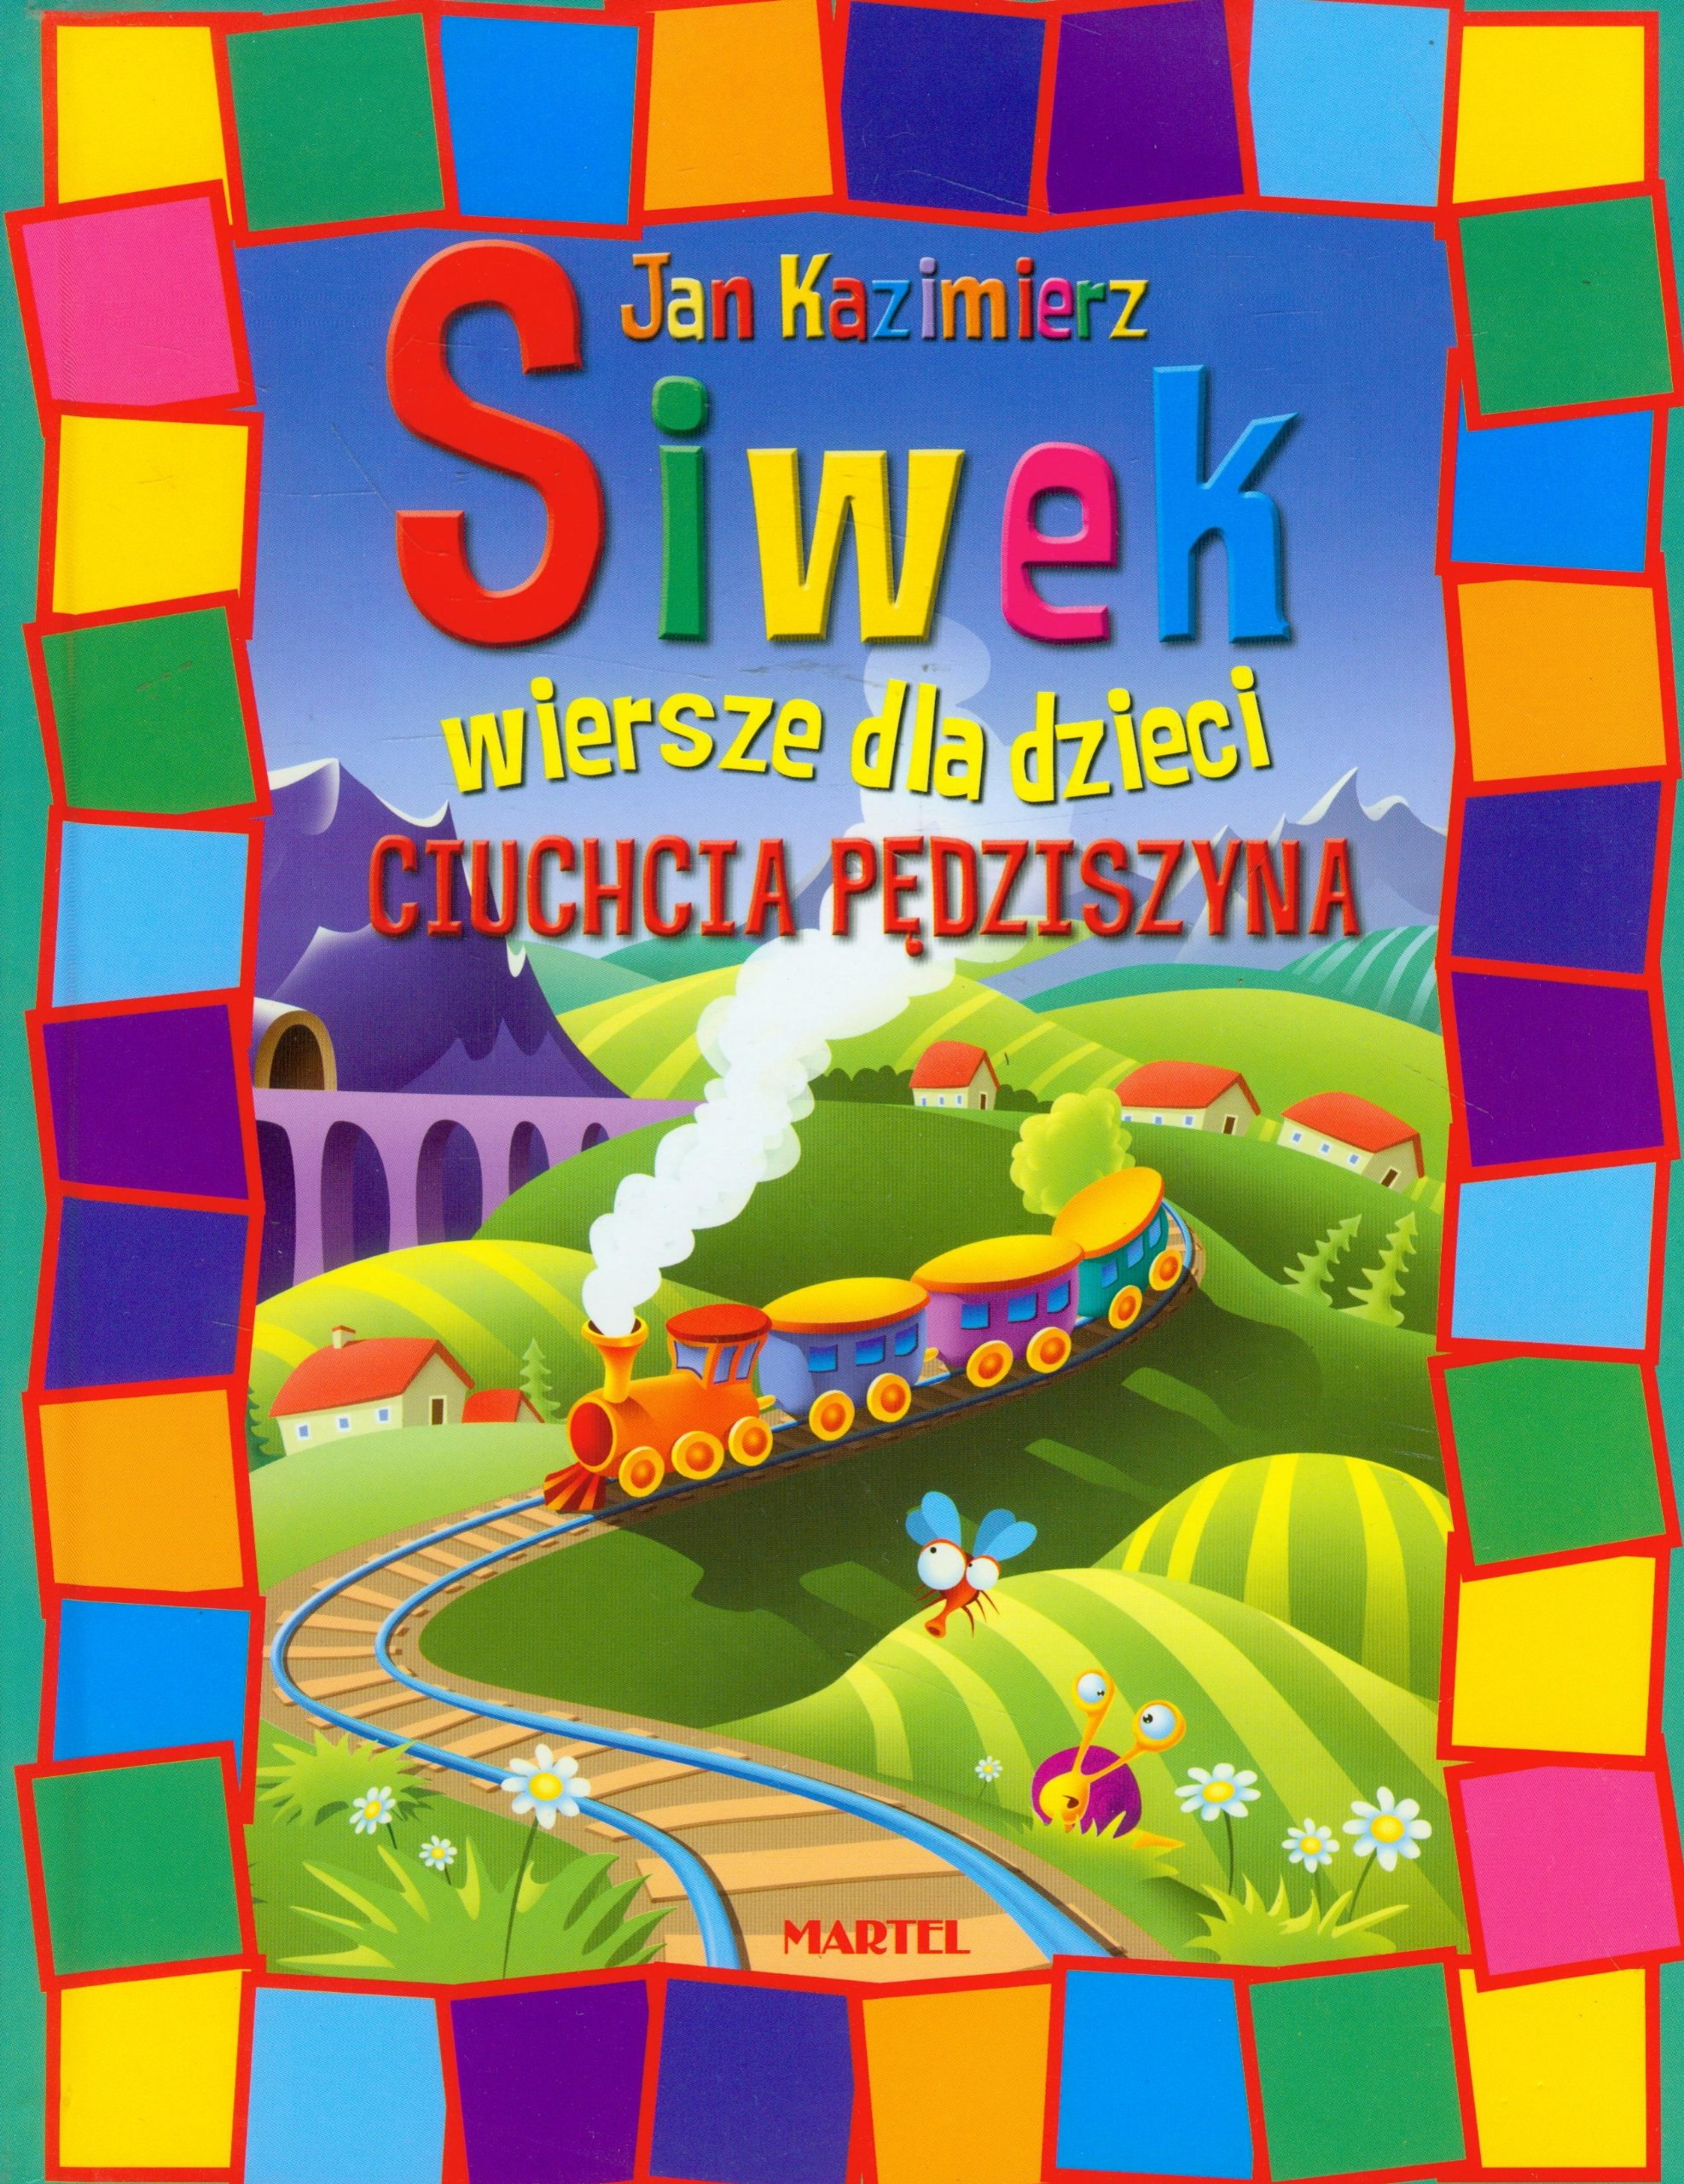 Ciuchcia Pedziszyna Wiersze Dla Dzieci Amazones Jan